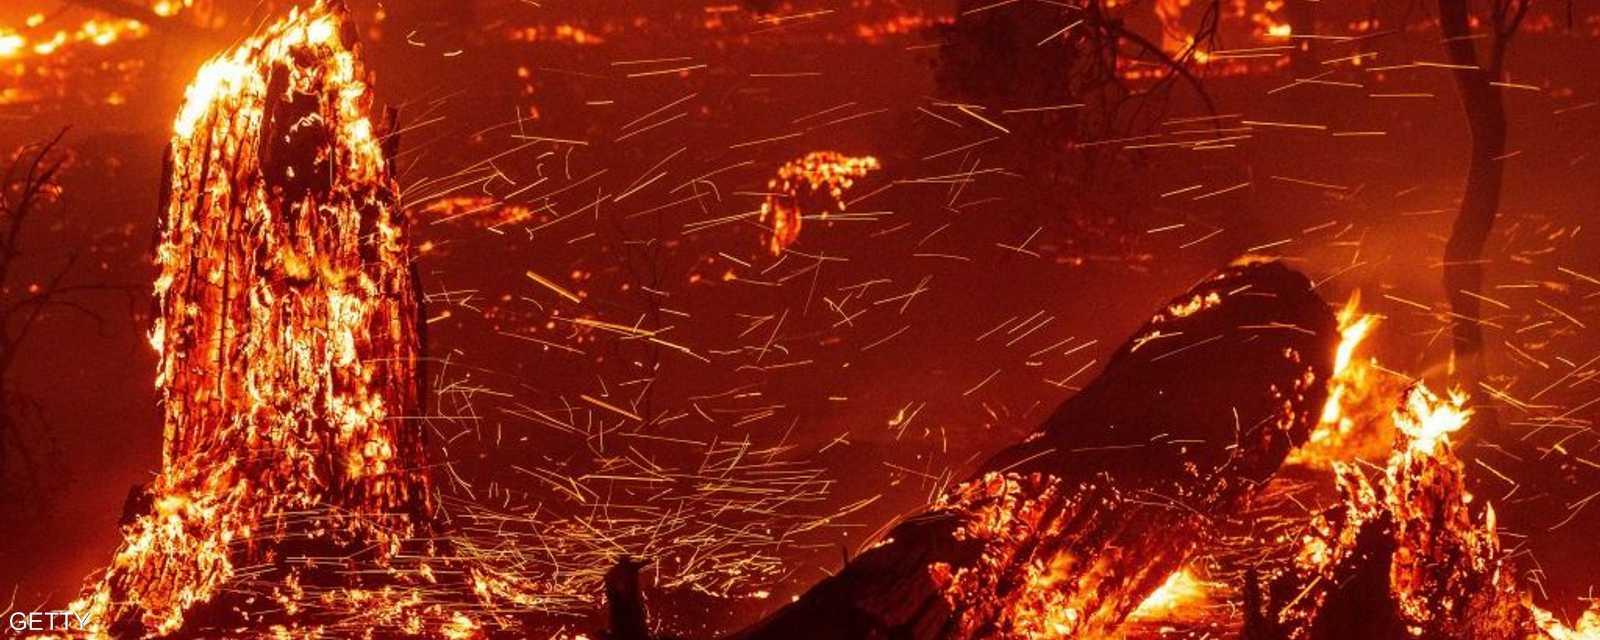 حرائق ضخمة بمدينة جامو في كاليفورنيا